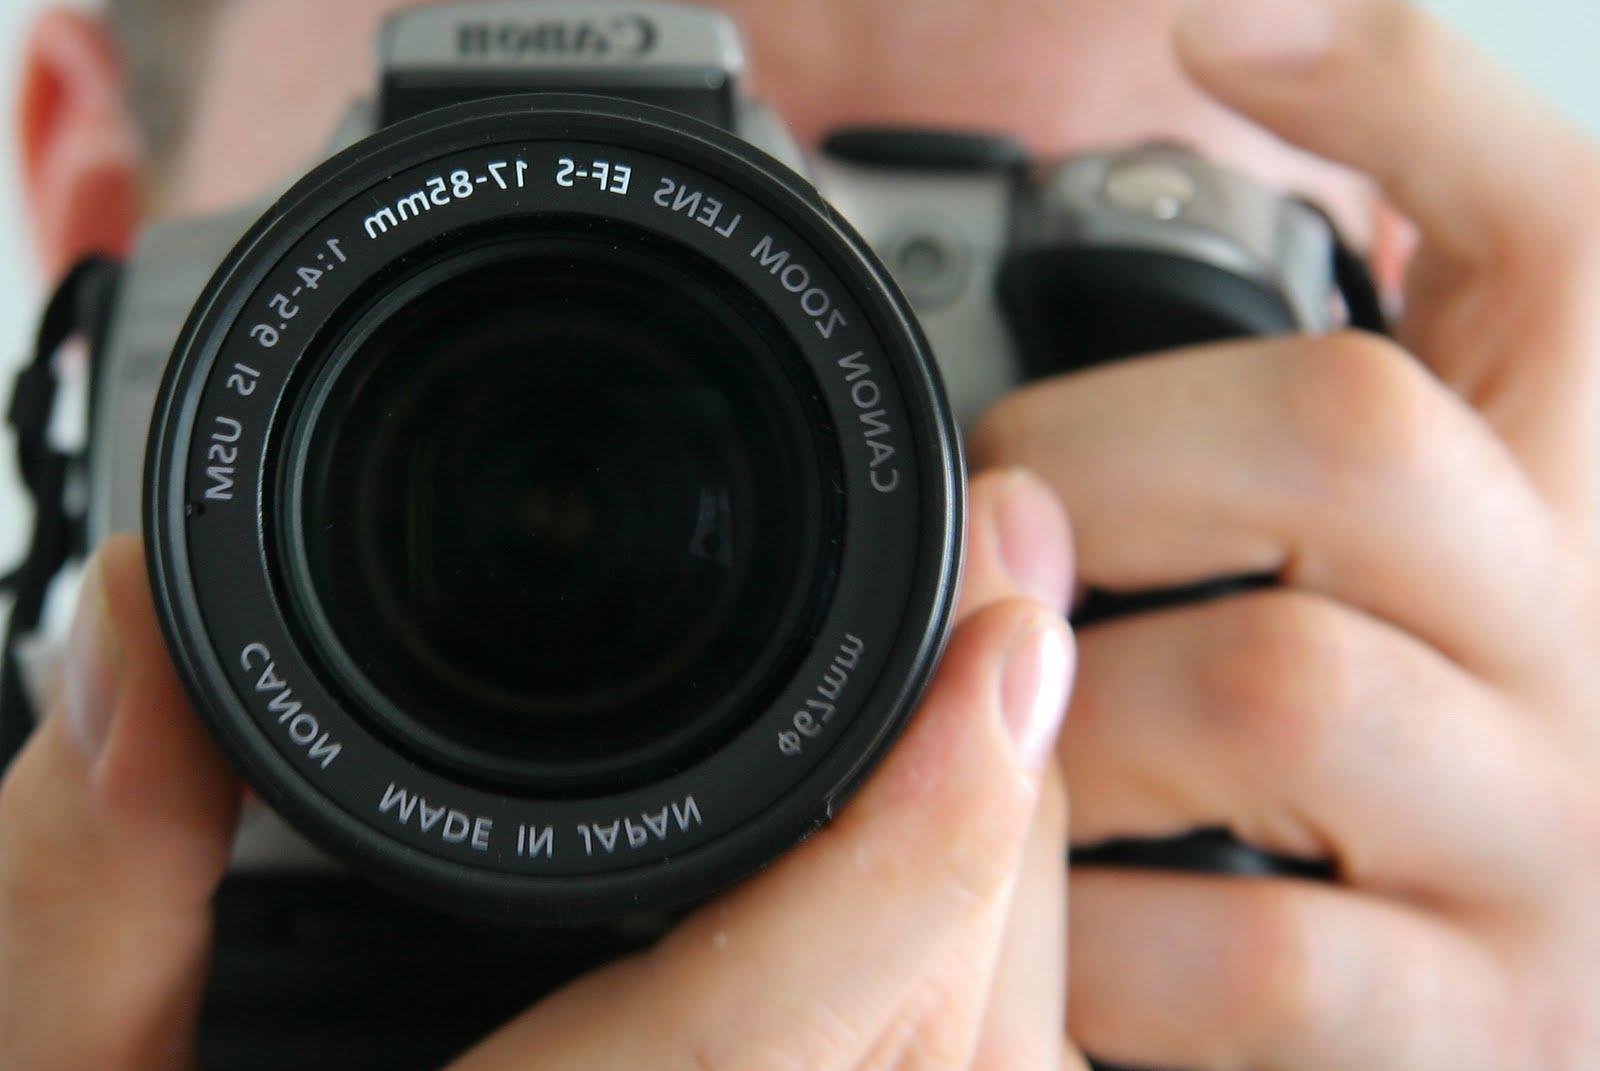 Πρόστιμα φωτιά για φωτογράφους, έλεγχοι σε όλη την Ελλάδα